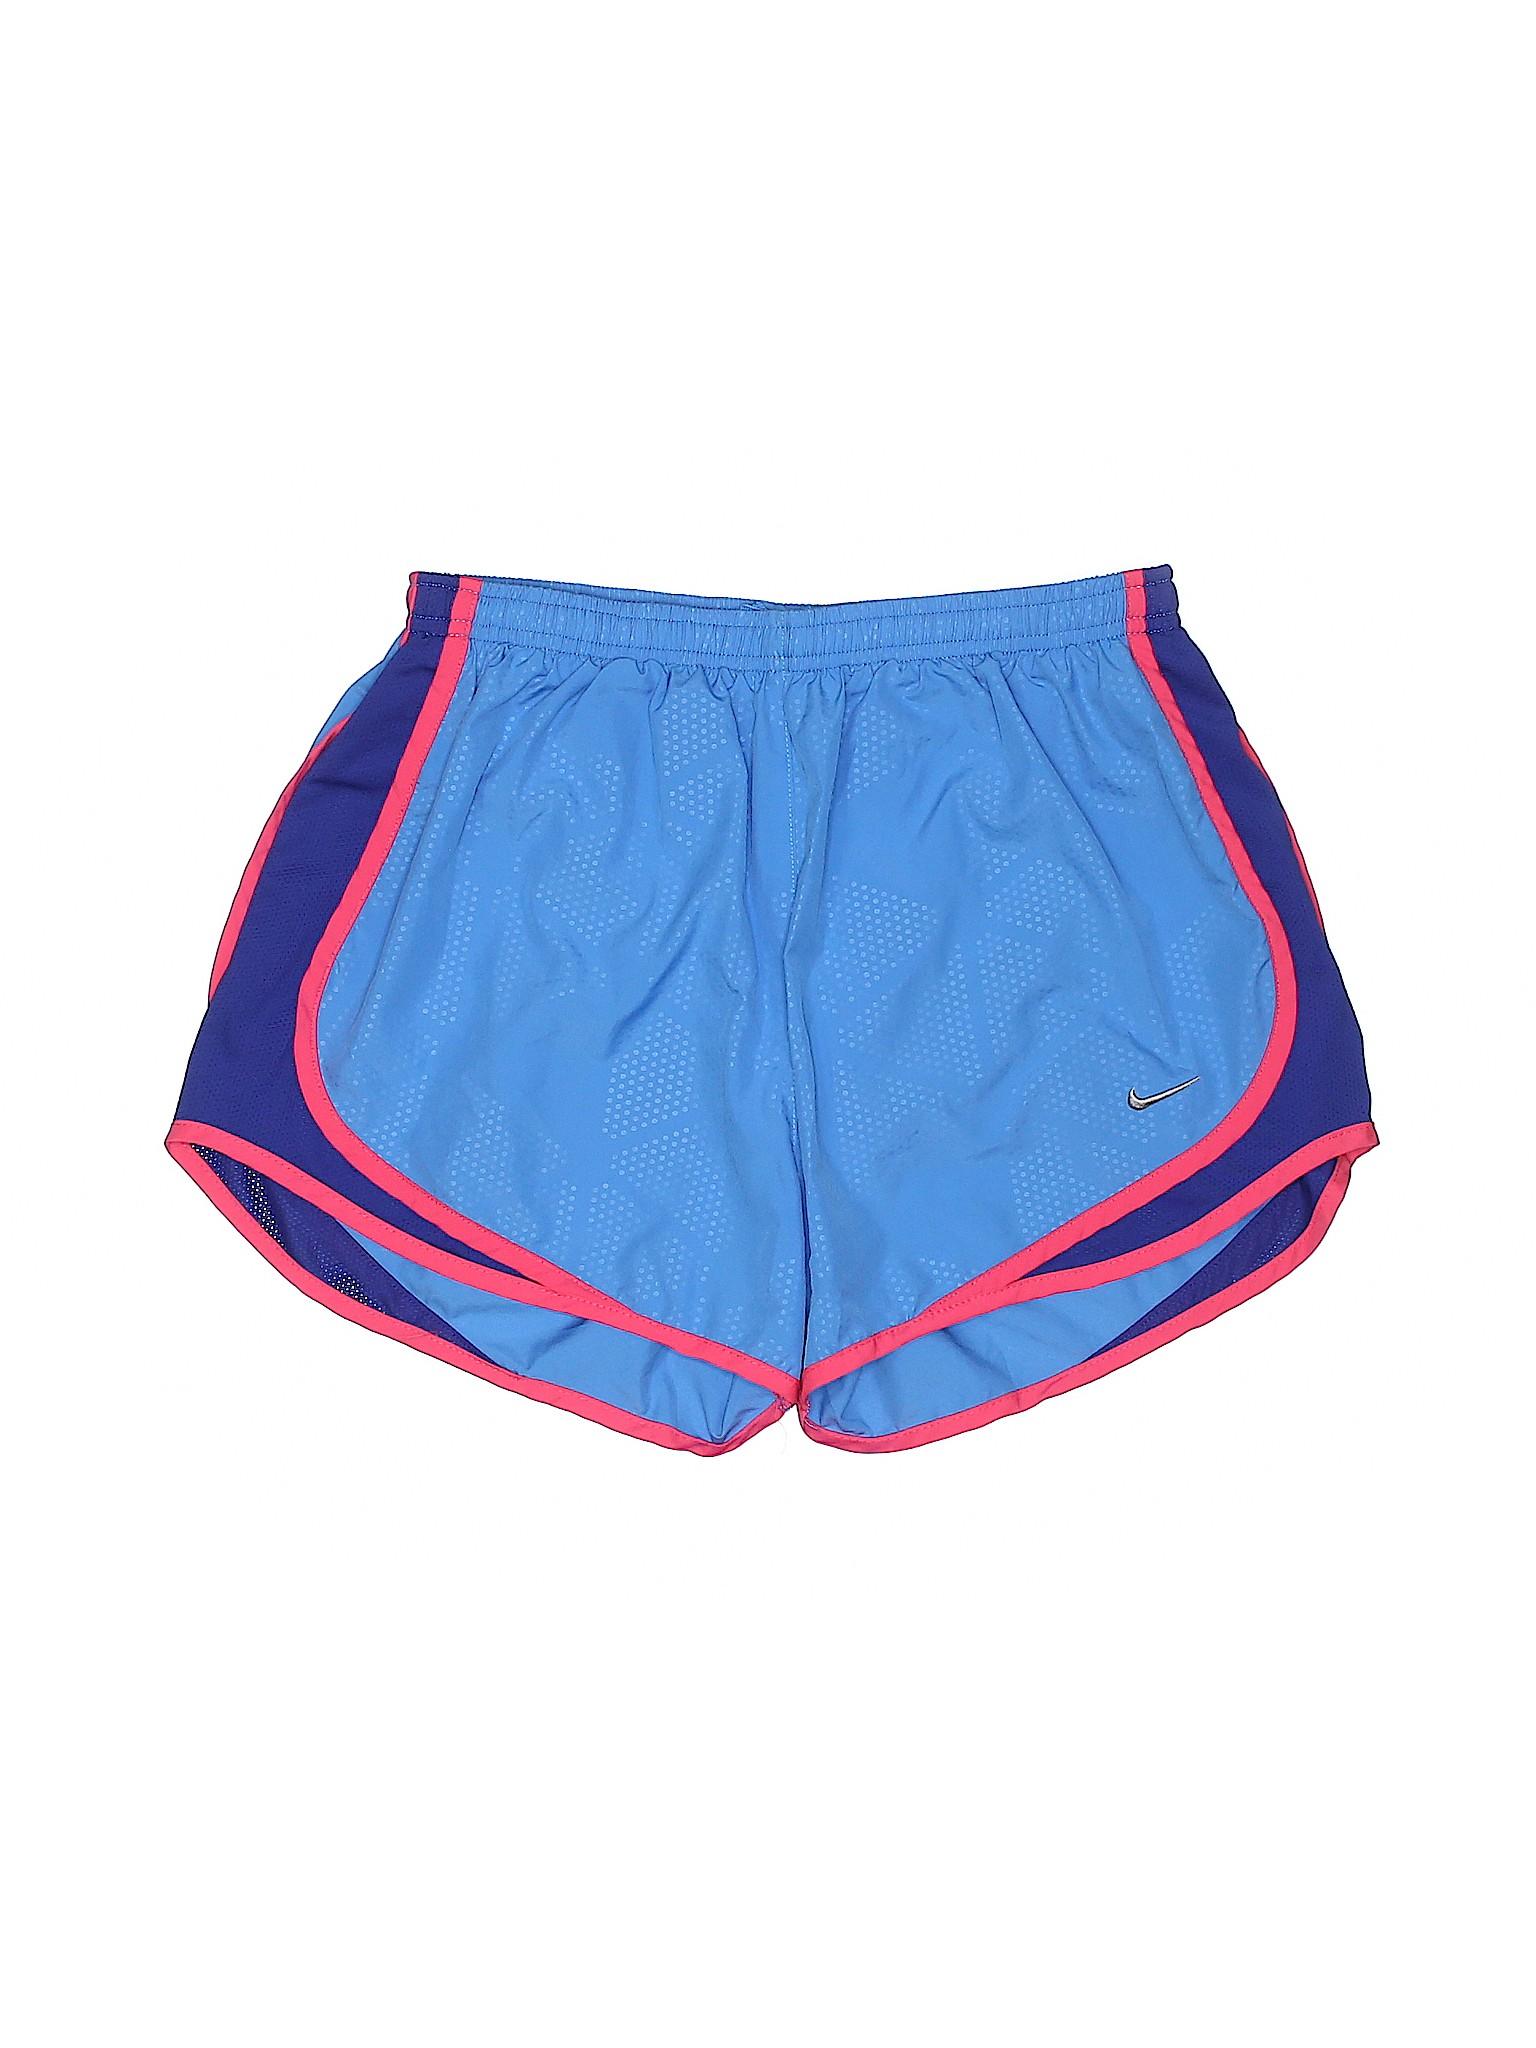 Athletic Shorts Shorts Boutique Shorts Nike Shorts Athletic Nike Boutique Boutique Nike Nike Boutique Athletic Boutique Athletic ACqEwP